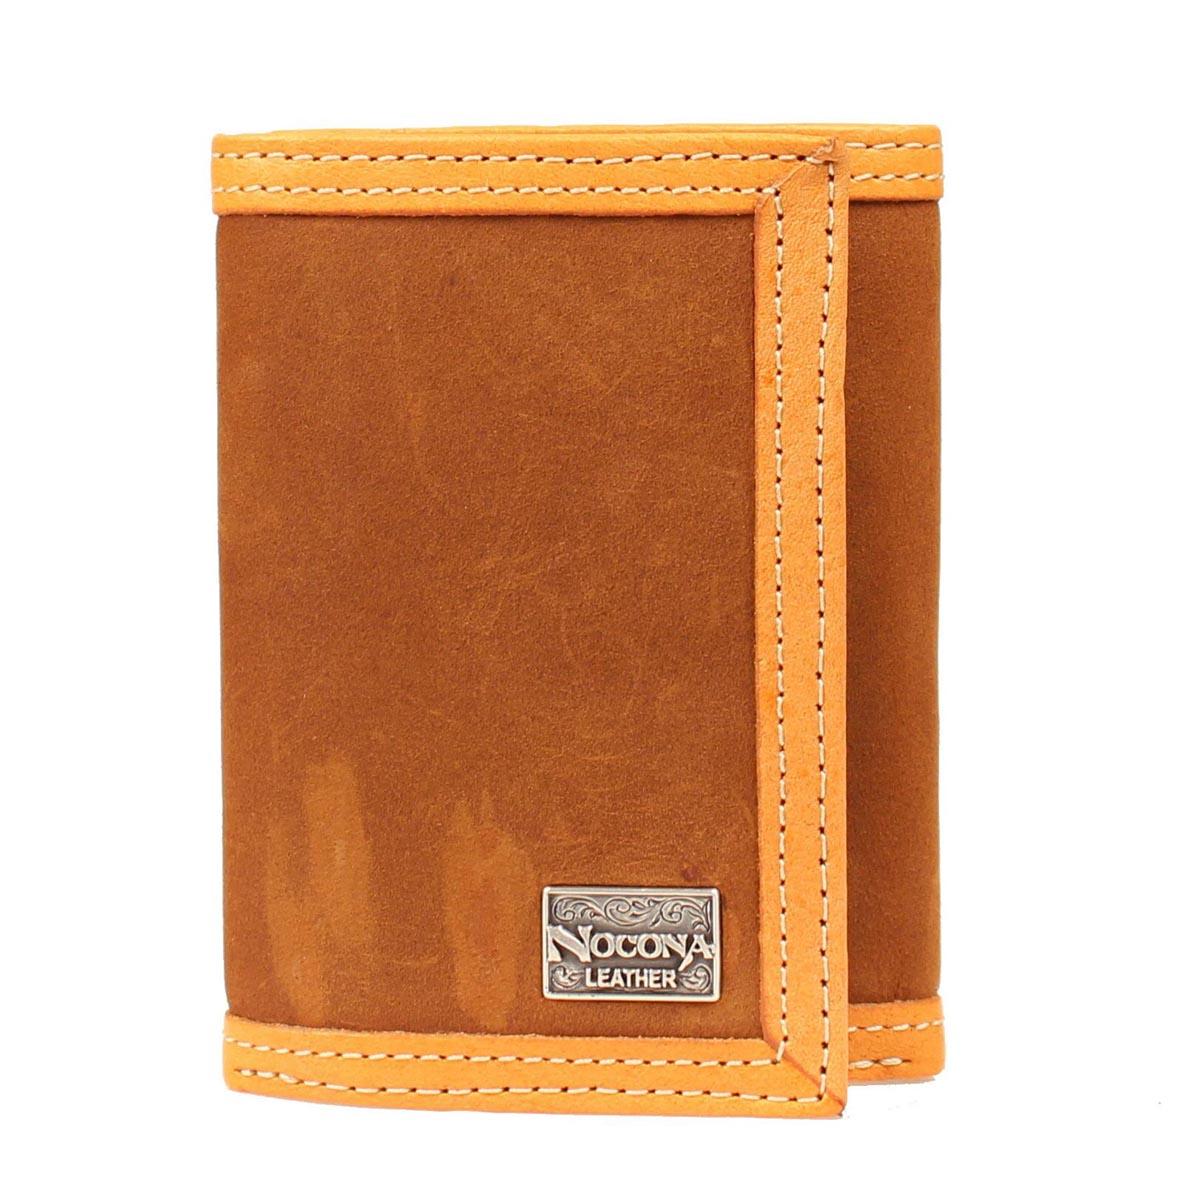 Nocona Smooth Leather Tri-fold